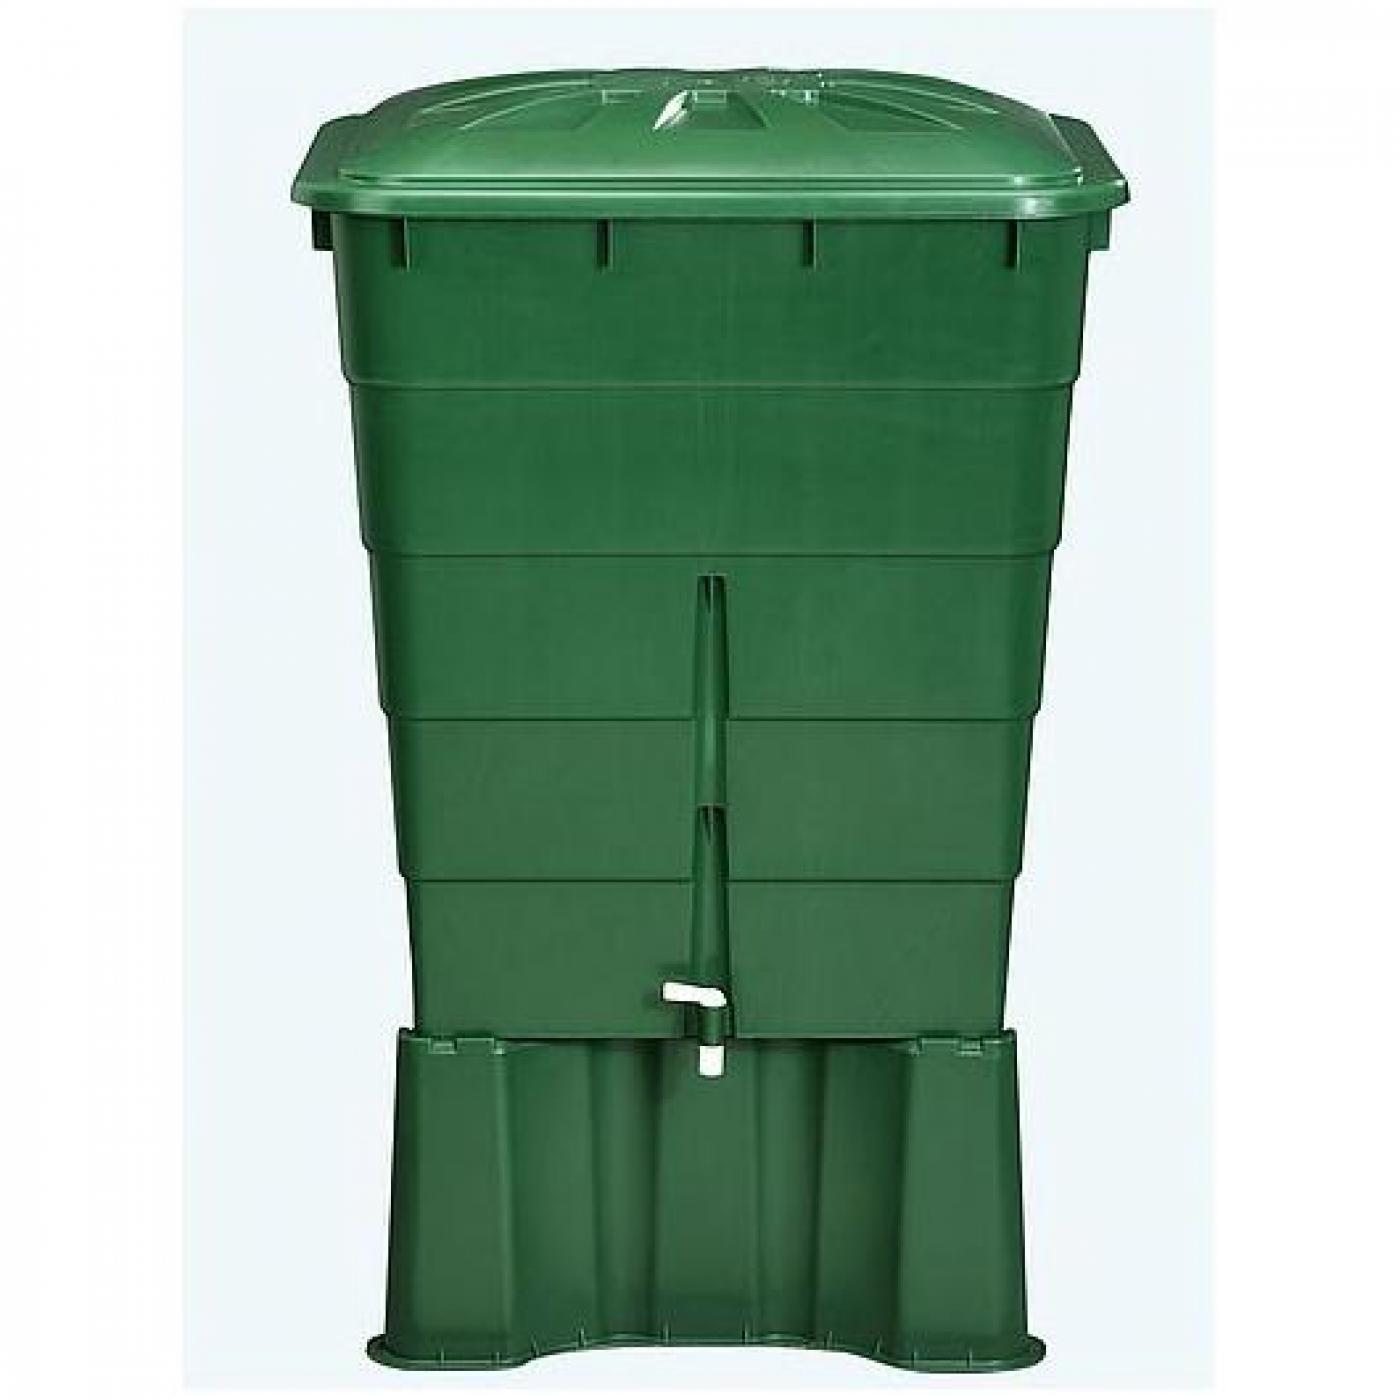 Dep sito rectangular con base por 79 50 en planeta huerto for Recuperar agua piscina verde